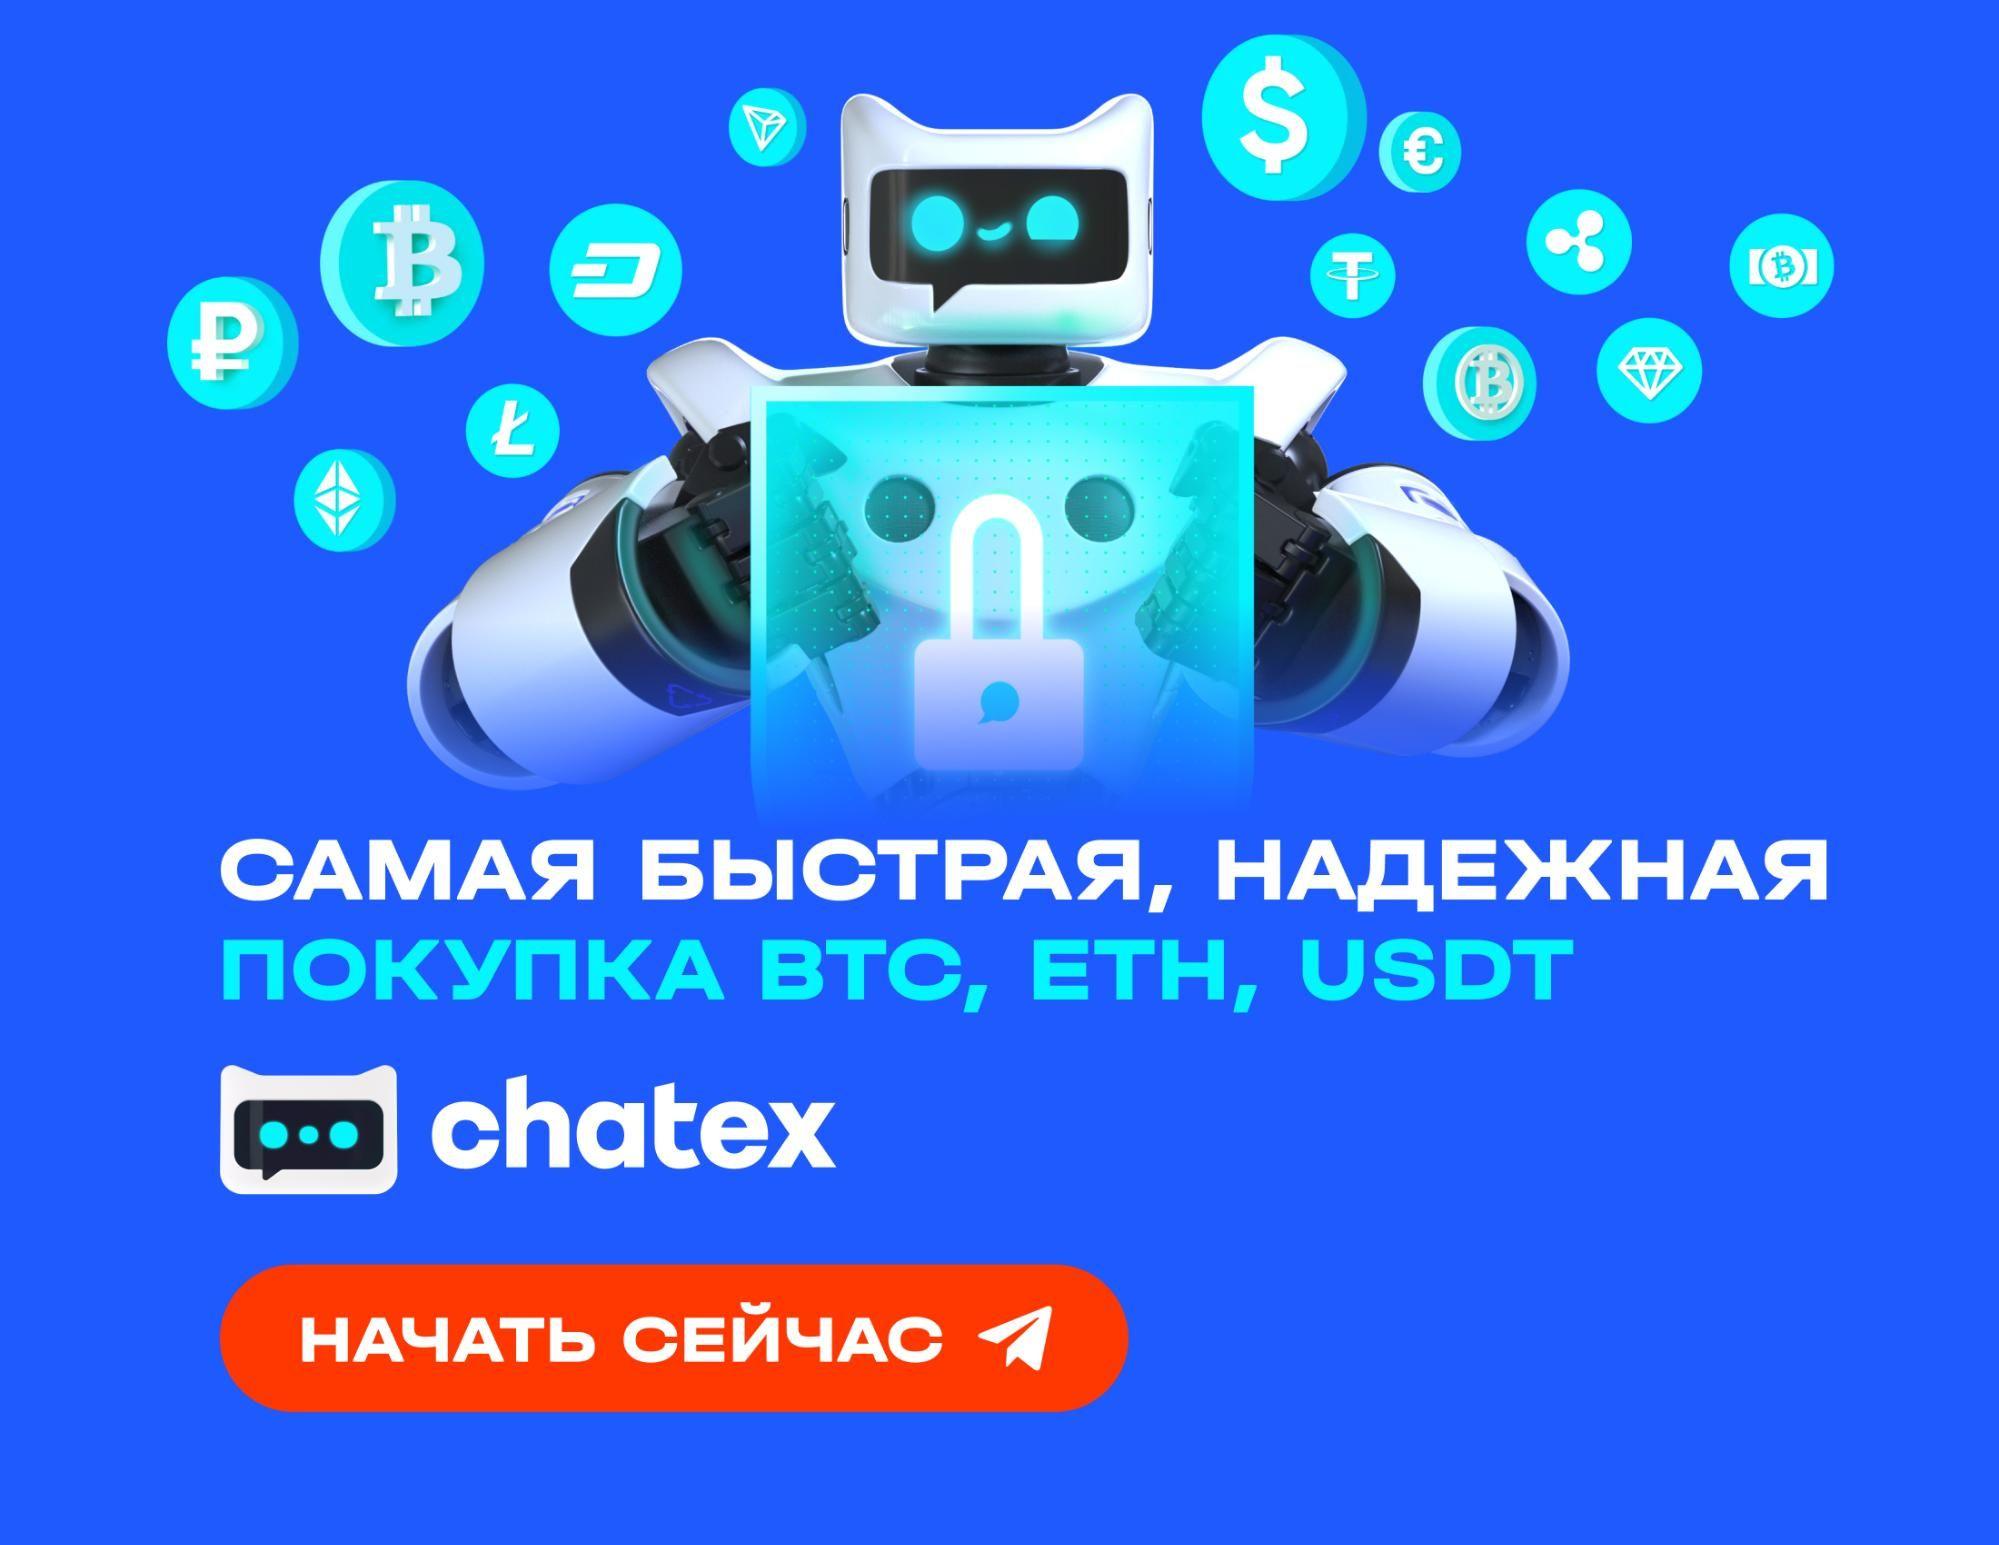 Обзор Chatex. Обменник криптовалюты онлайн в Telegram